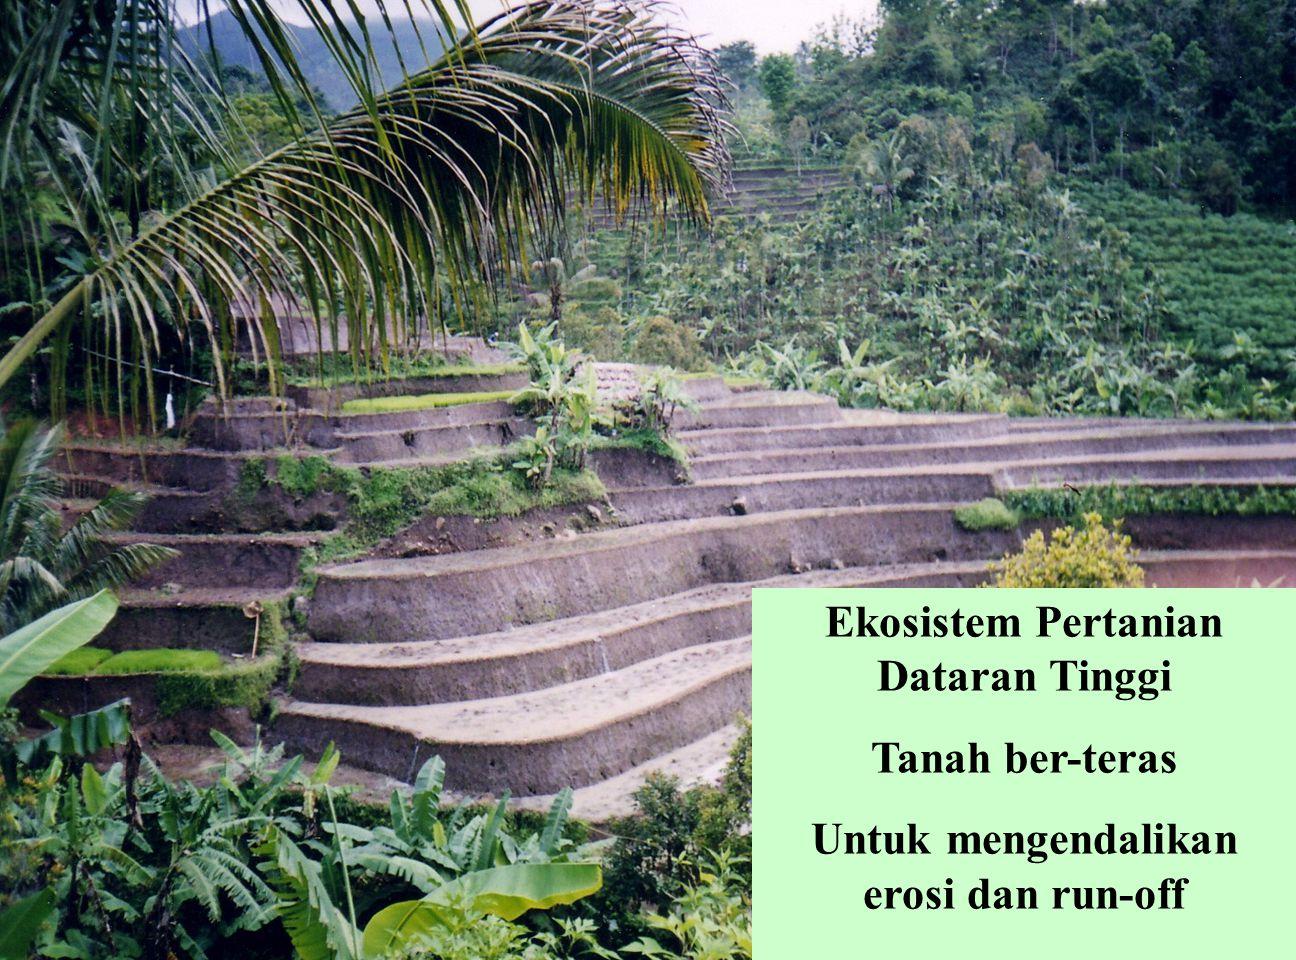 Ekosistem Pertanian Dataran Tinggi Tanah ber-teras